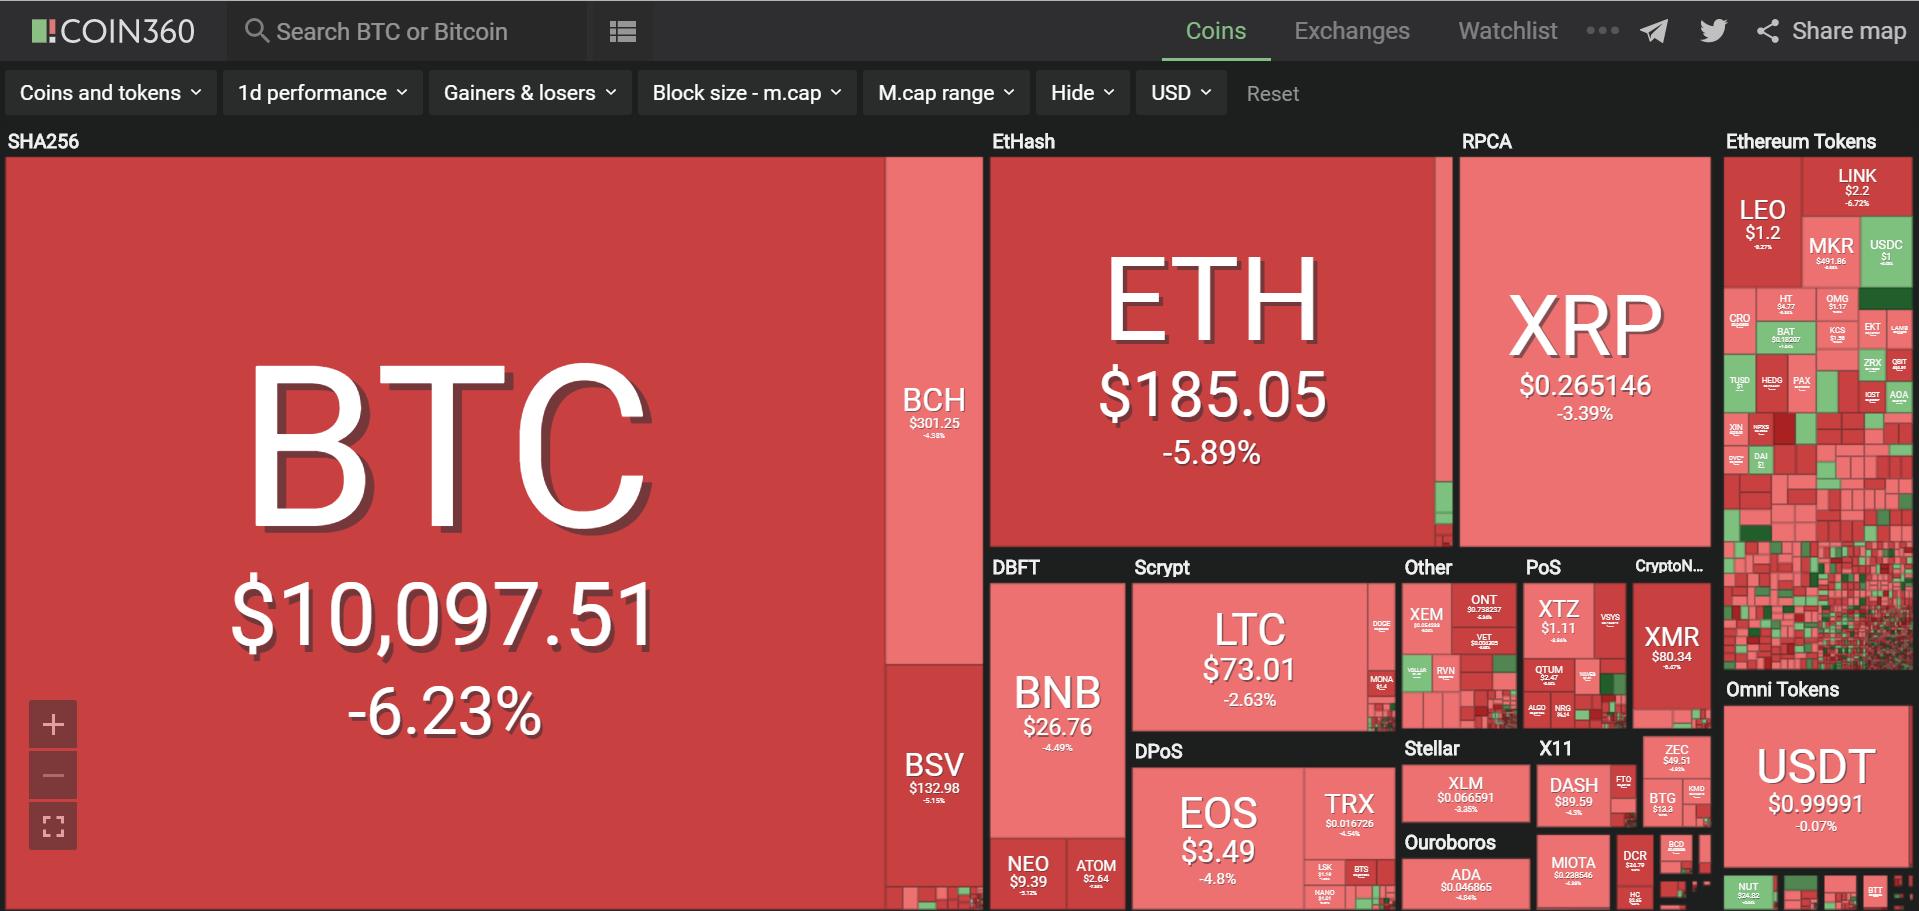 Toàn cảnh thị trường tiền kĩ thuật số hôm nay (22/8) (Nguồn: Coin360.com)